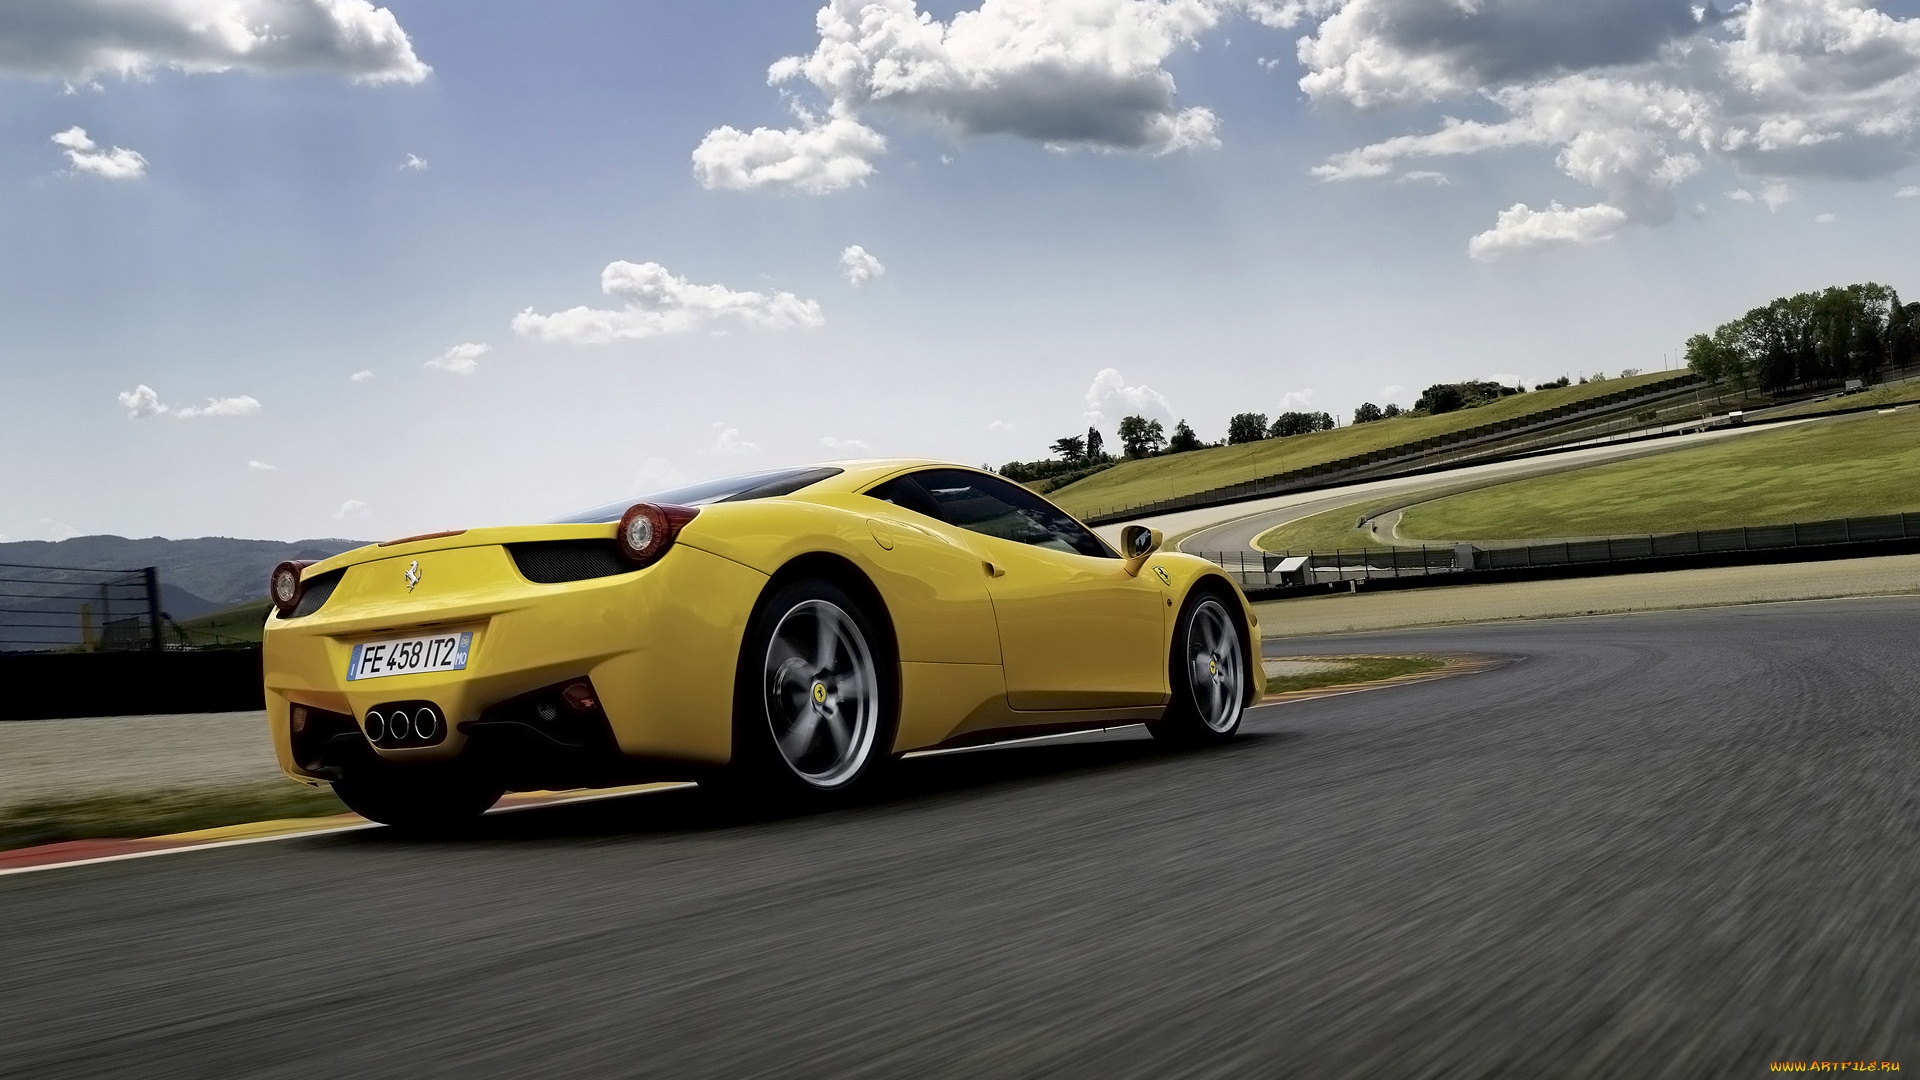 Ferrari 458 спортбайк небо дорога подборки